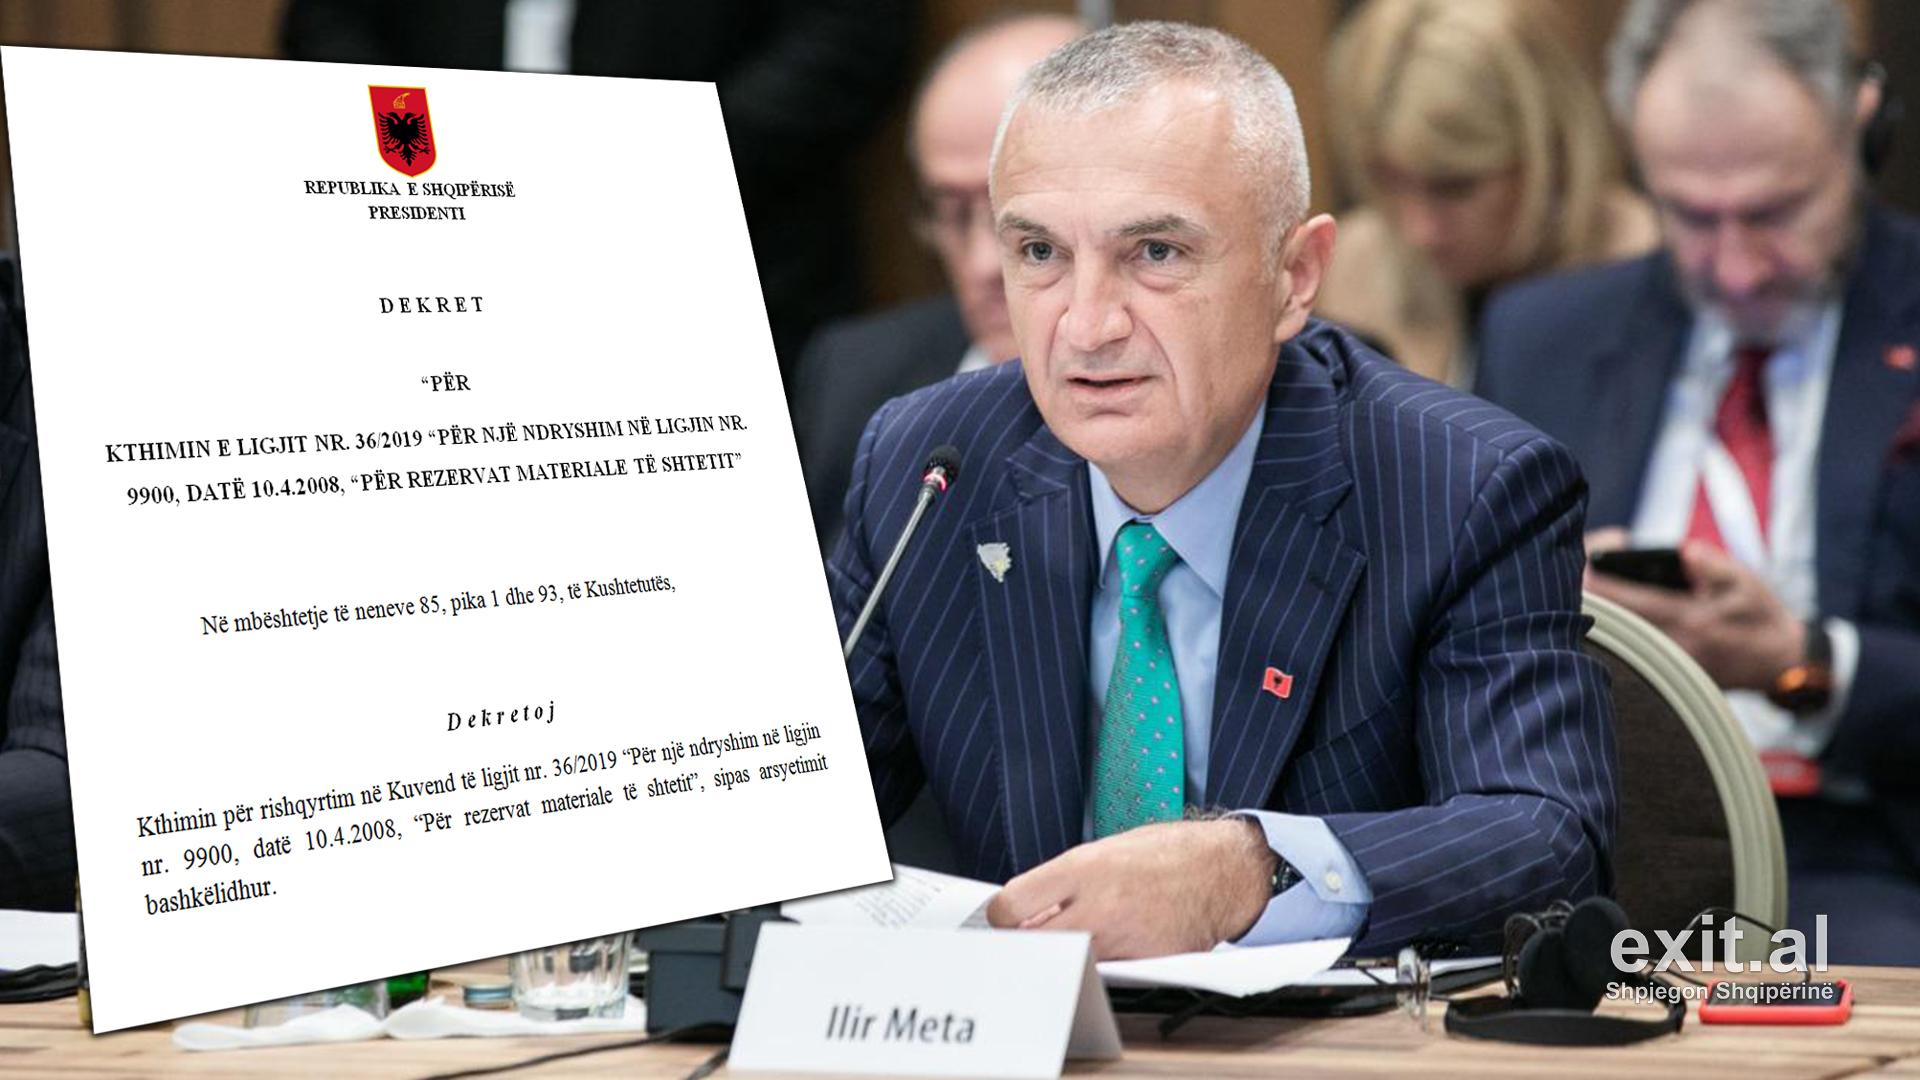 Meta kthen ligjin për rezervat e shtetit – Argumentet kryesore